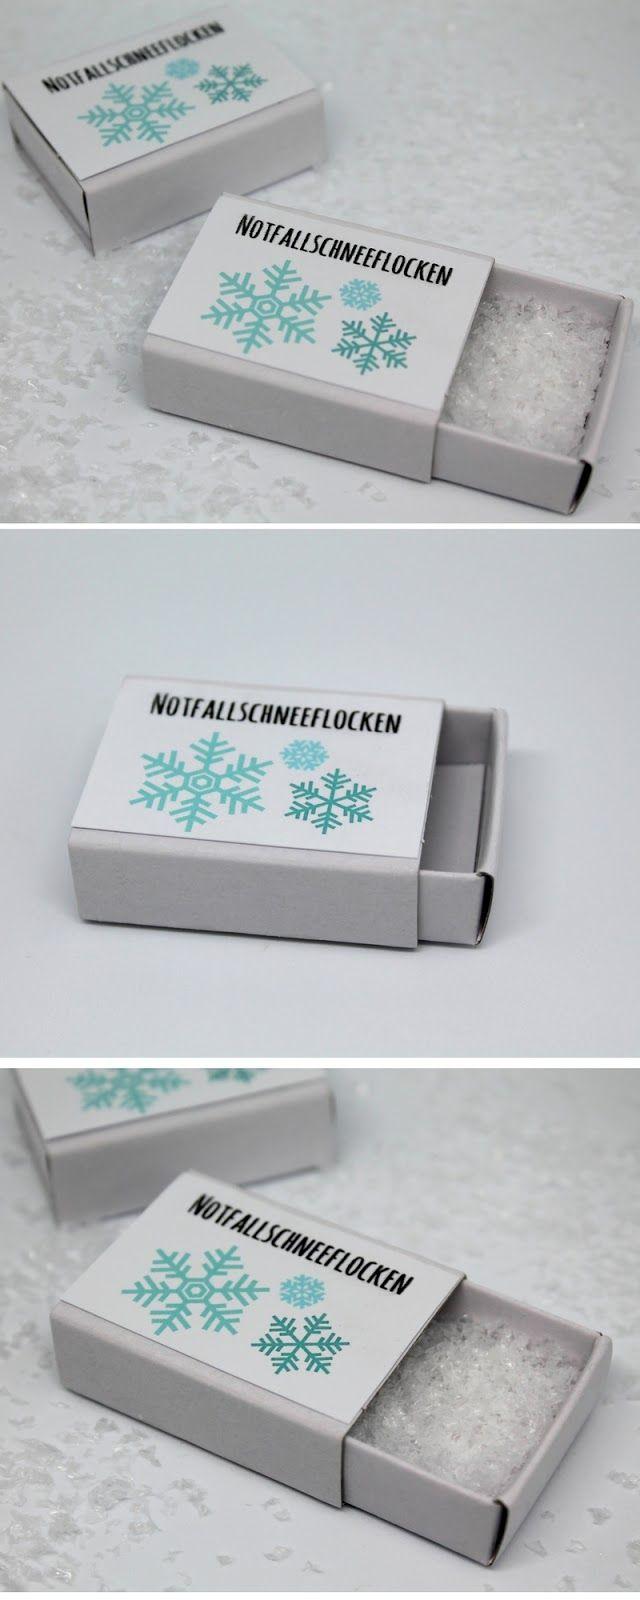 DIY Notfallschneeflocken + Free Printable Anleitung: DIY, Basteln, Selbermachen, Freebie, Free Printable, kostenloses Etikett, Notfallschneeflocken, Winterdekoration, Geschenk, Geschenkidee, Weihnachtsgeschenk, Weihnachten, schnelle Bastelidee, kleines Geschenk, lustiges Geschenk, Tutorial